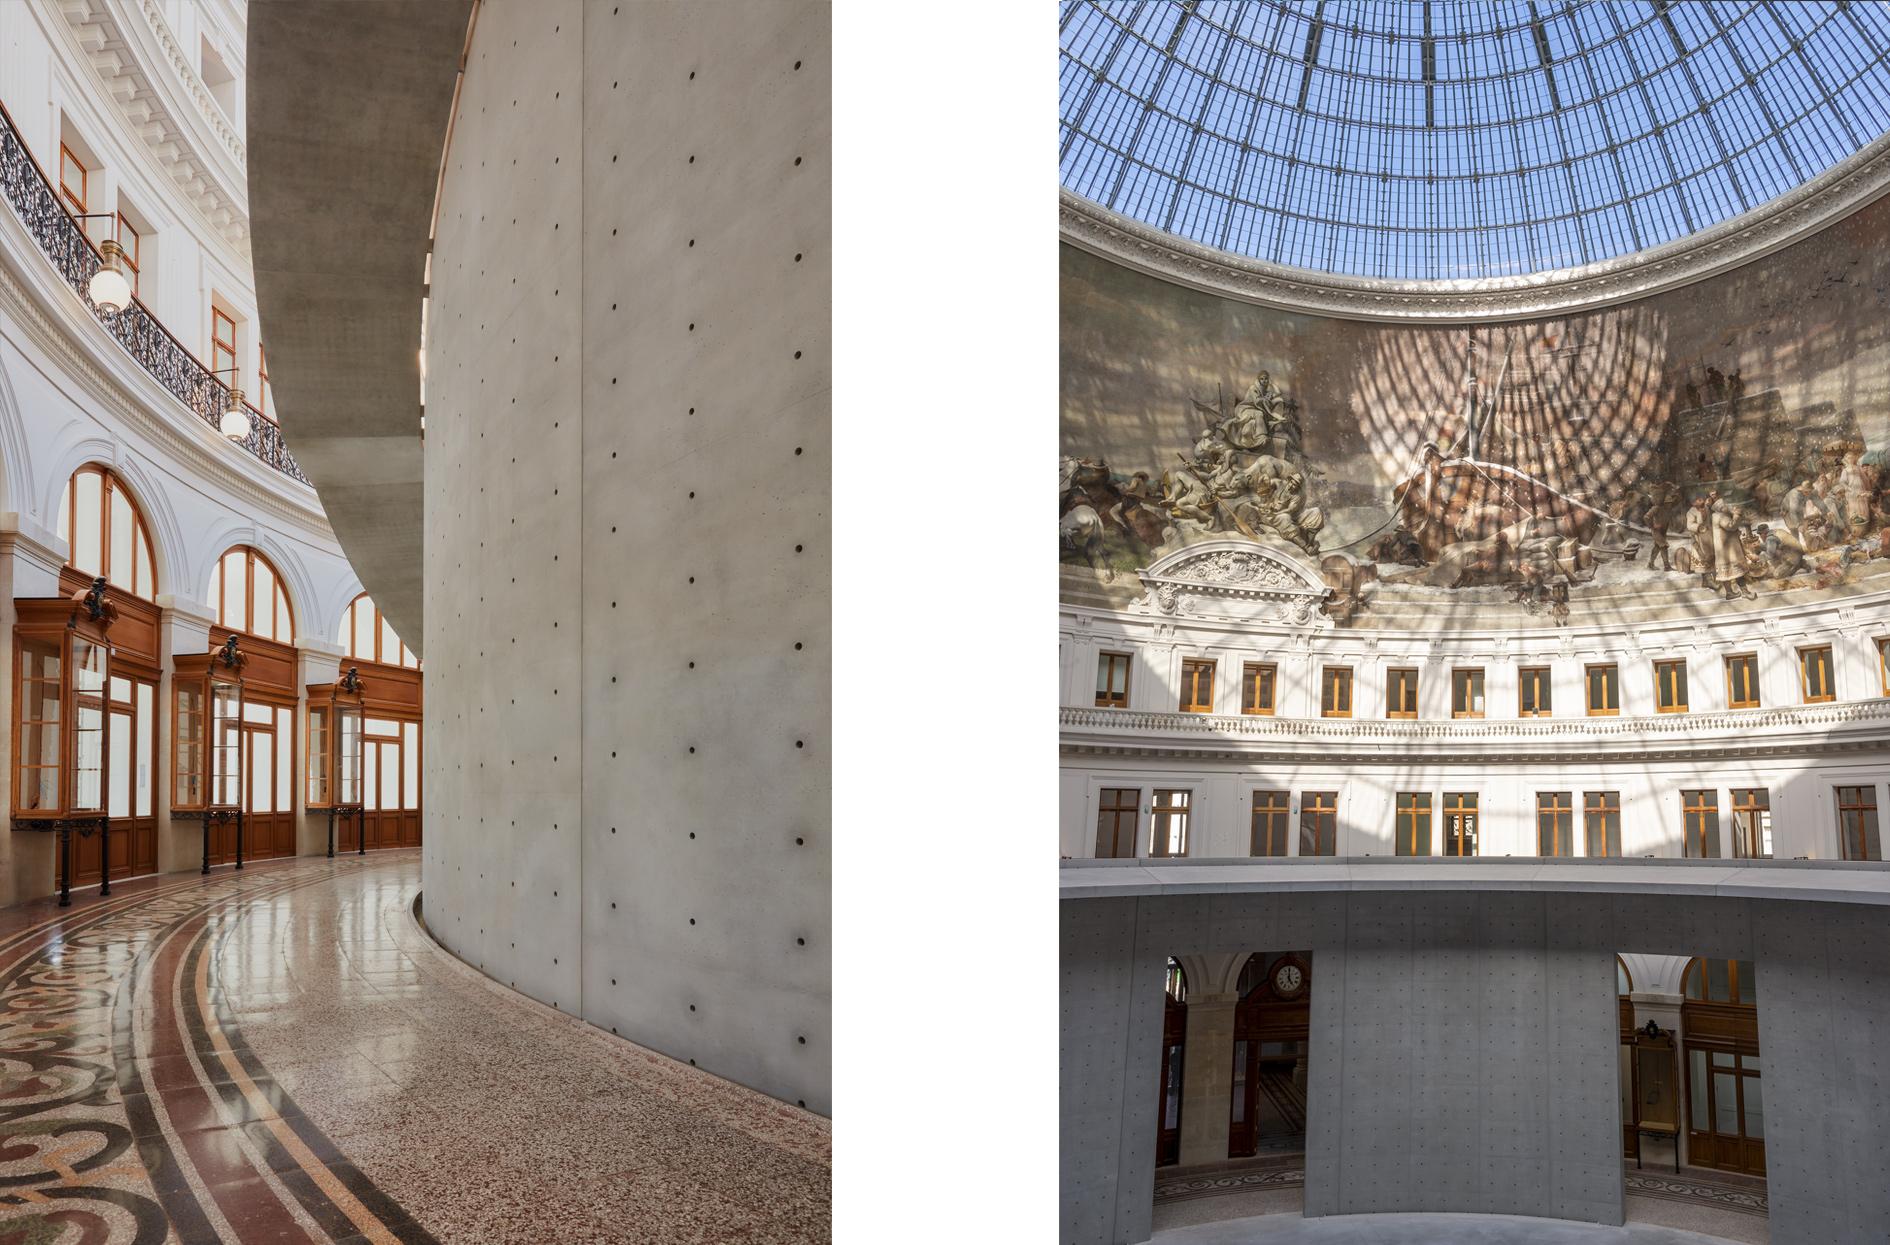 Thumbnail Bourse de Commerce Pinault Collection / 3